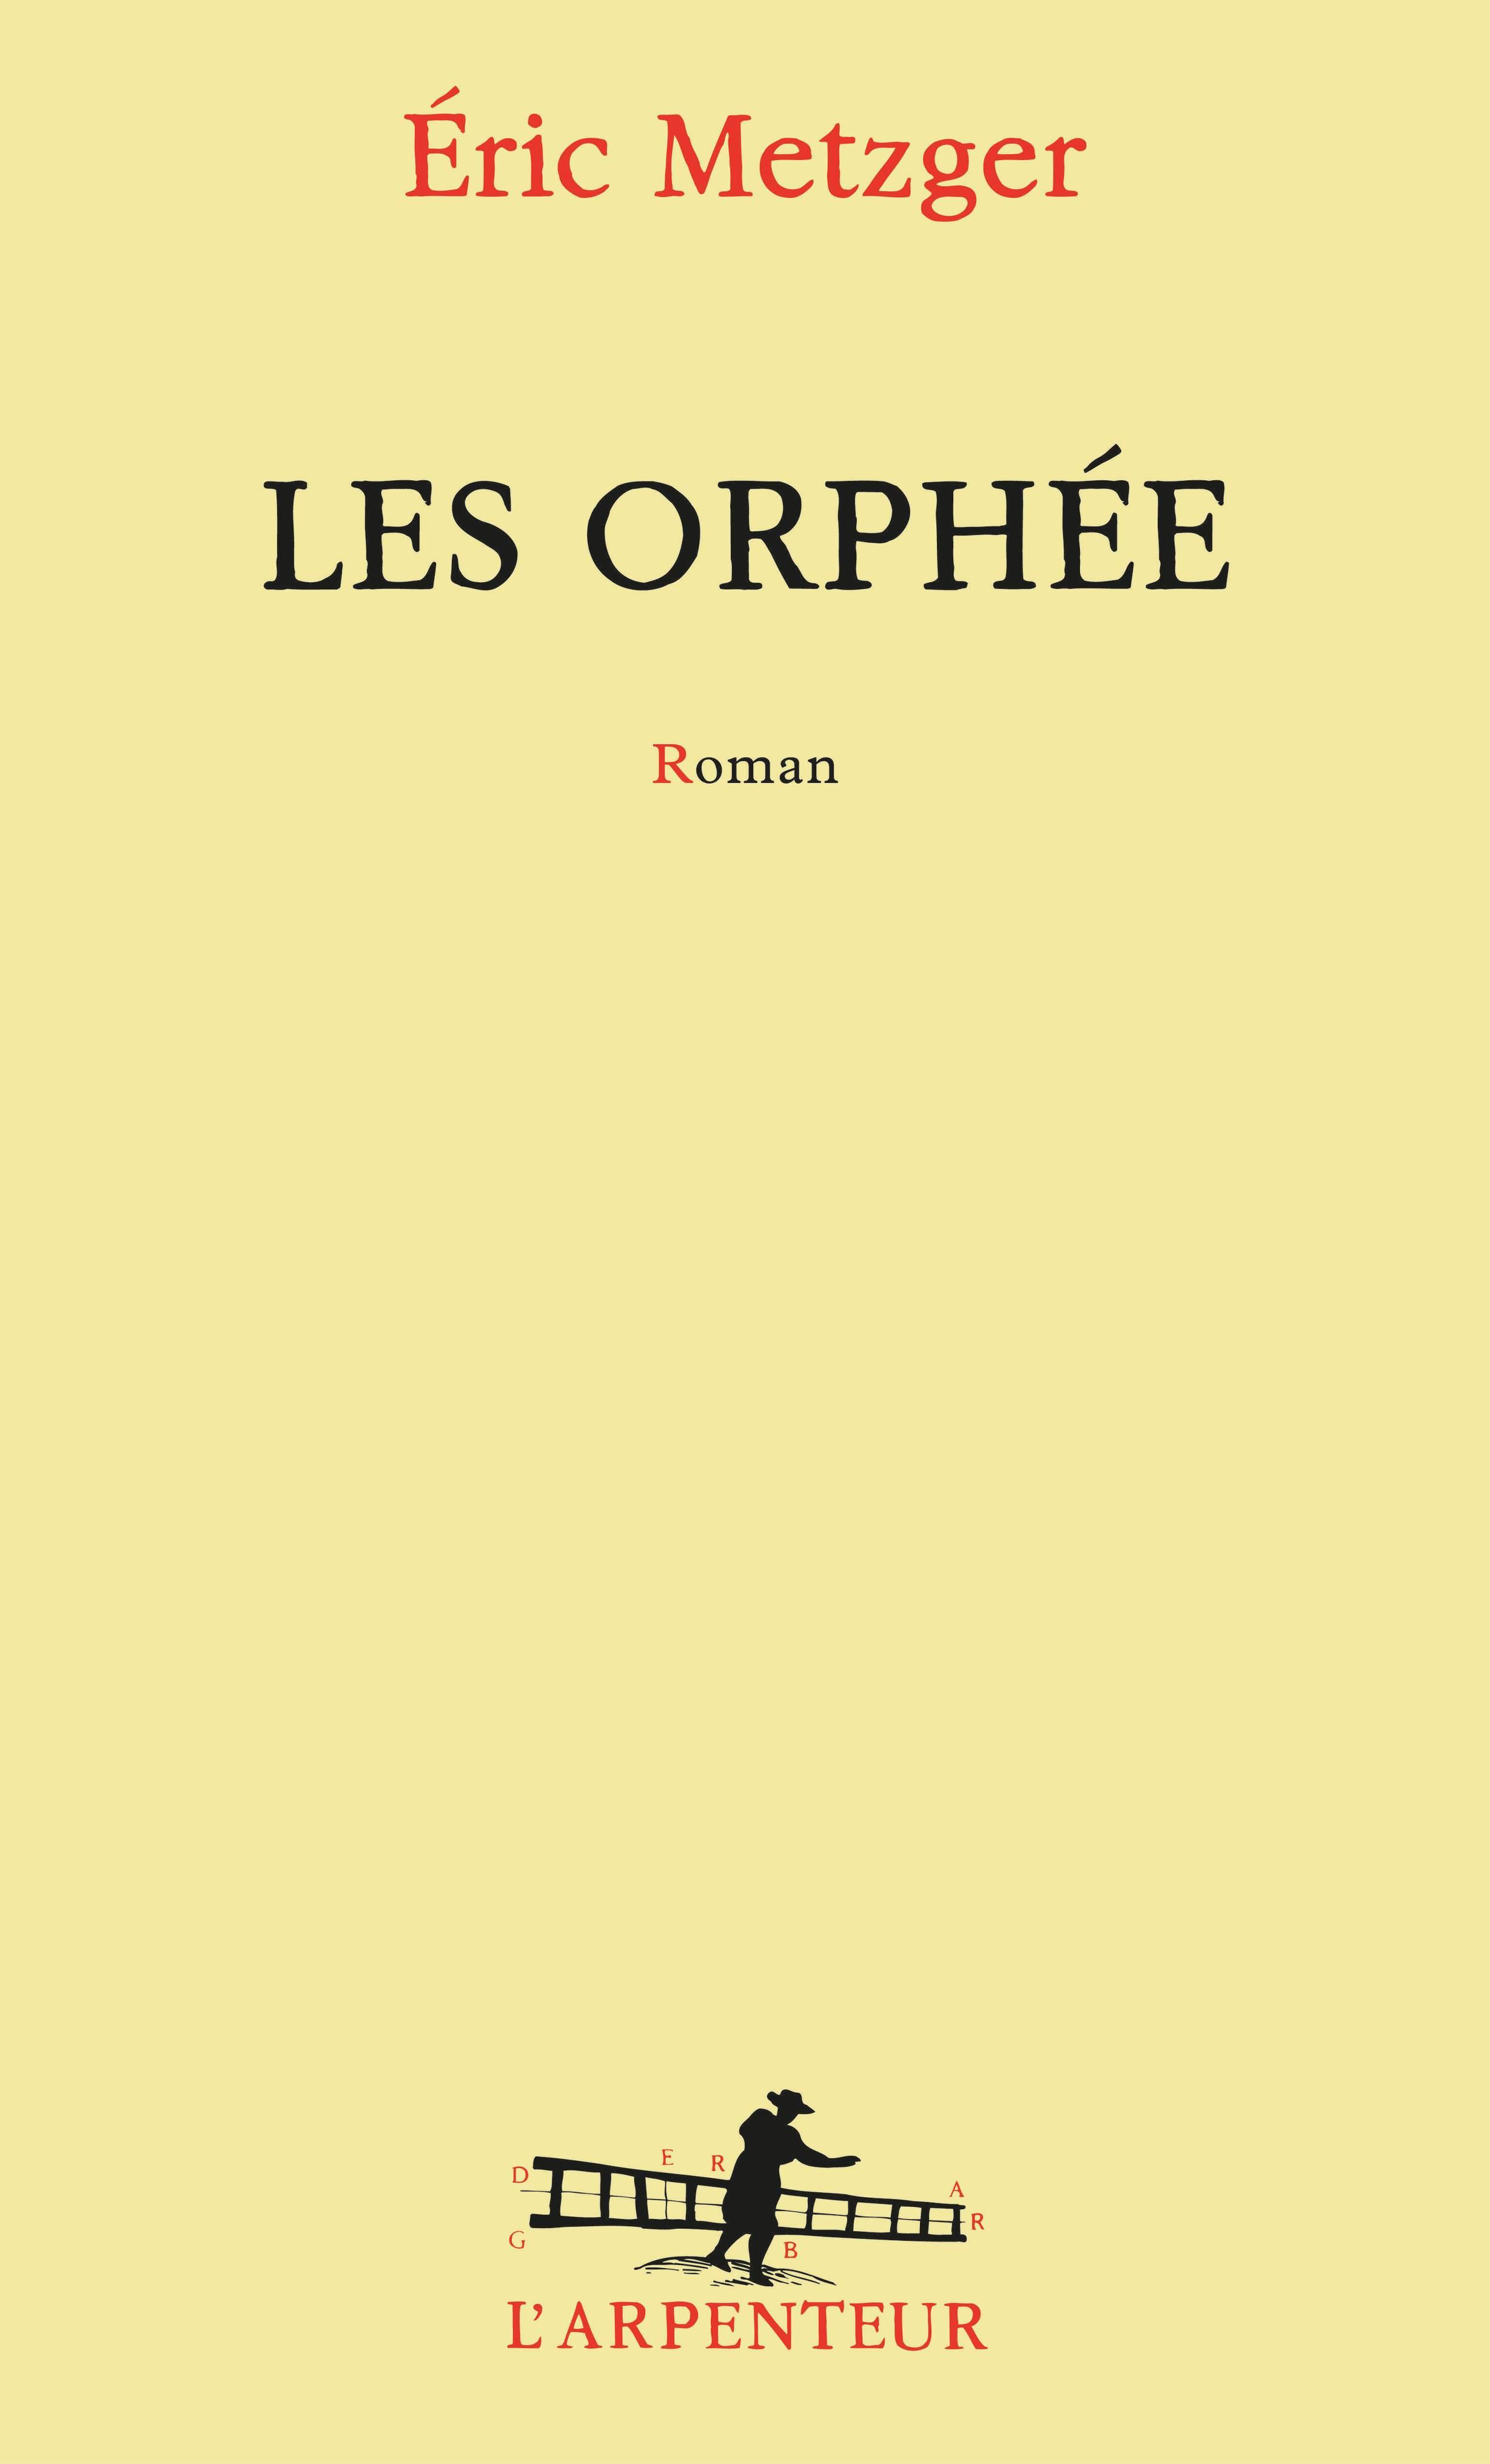 Les Orphée